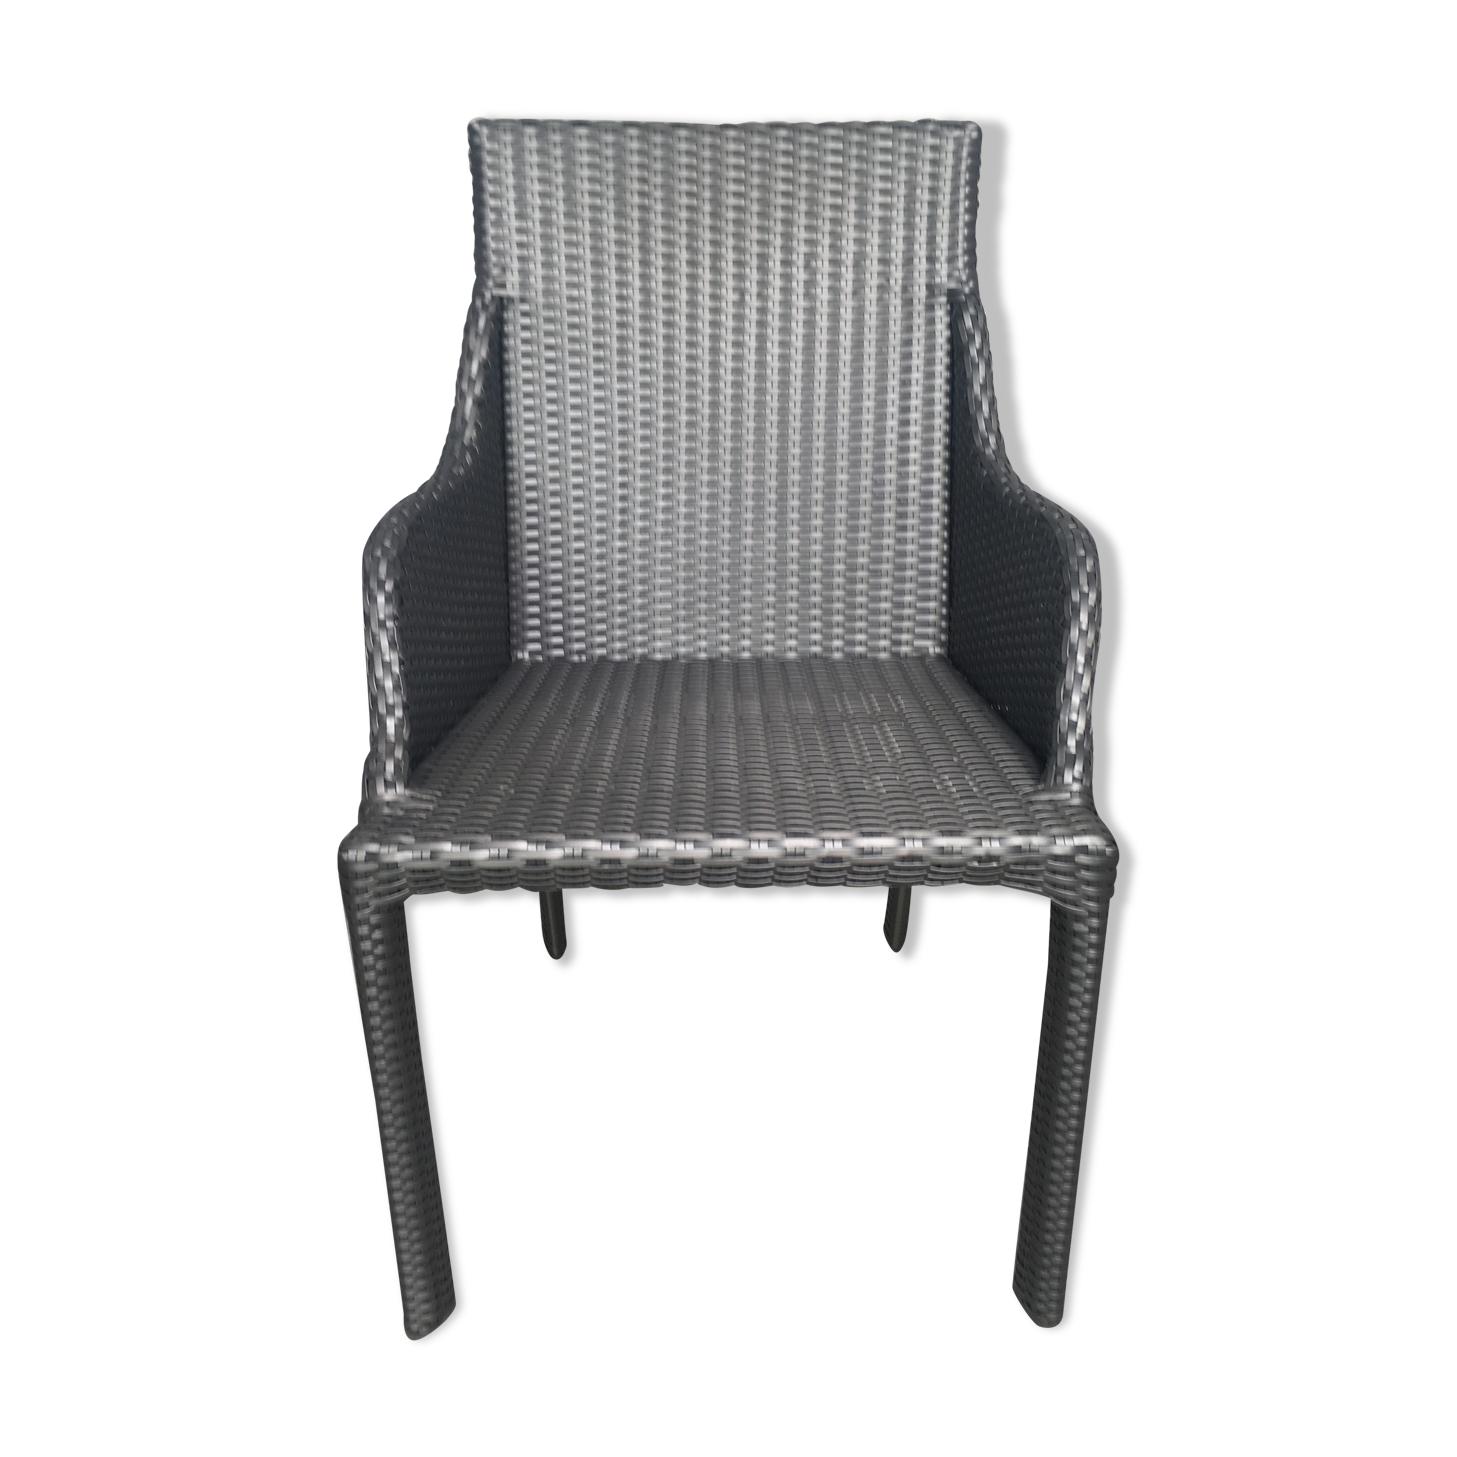 Fauteuil outdoor Bel Air design Sacha Lakic pour Roche Bobois